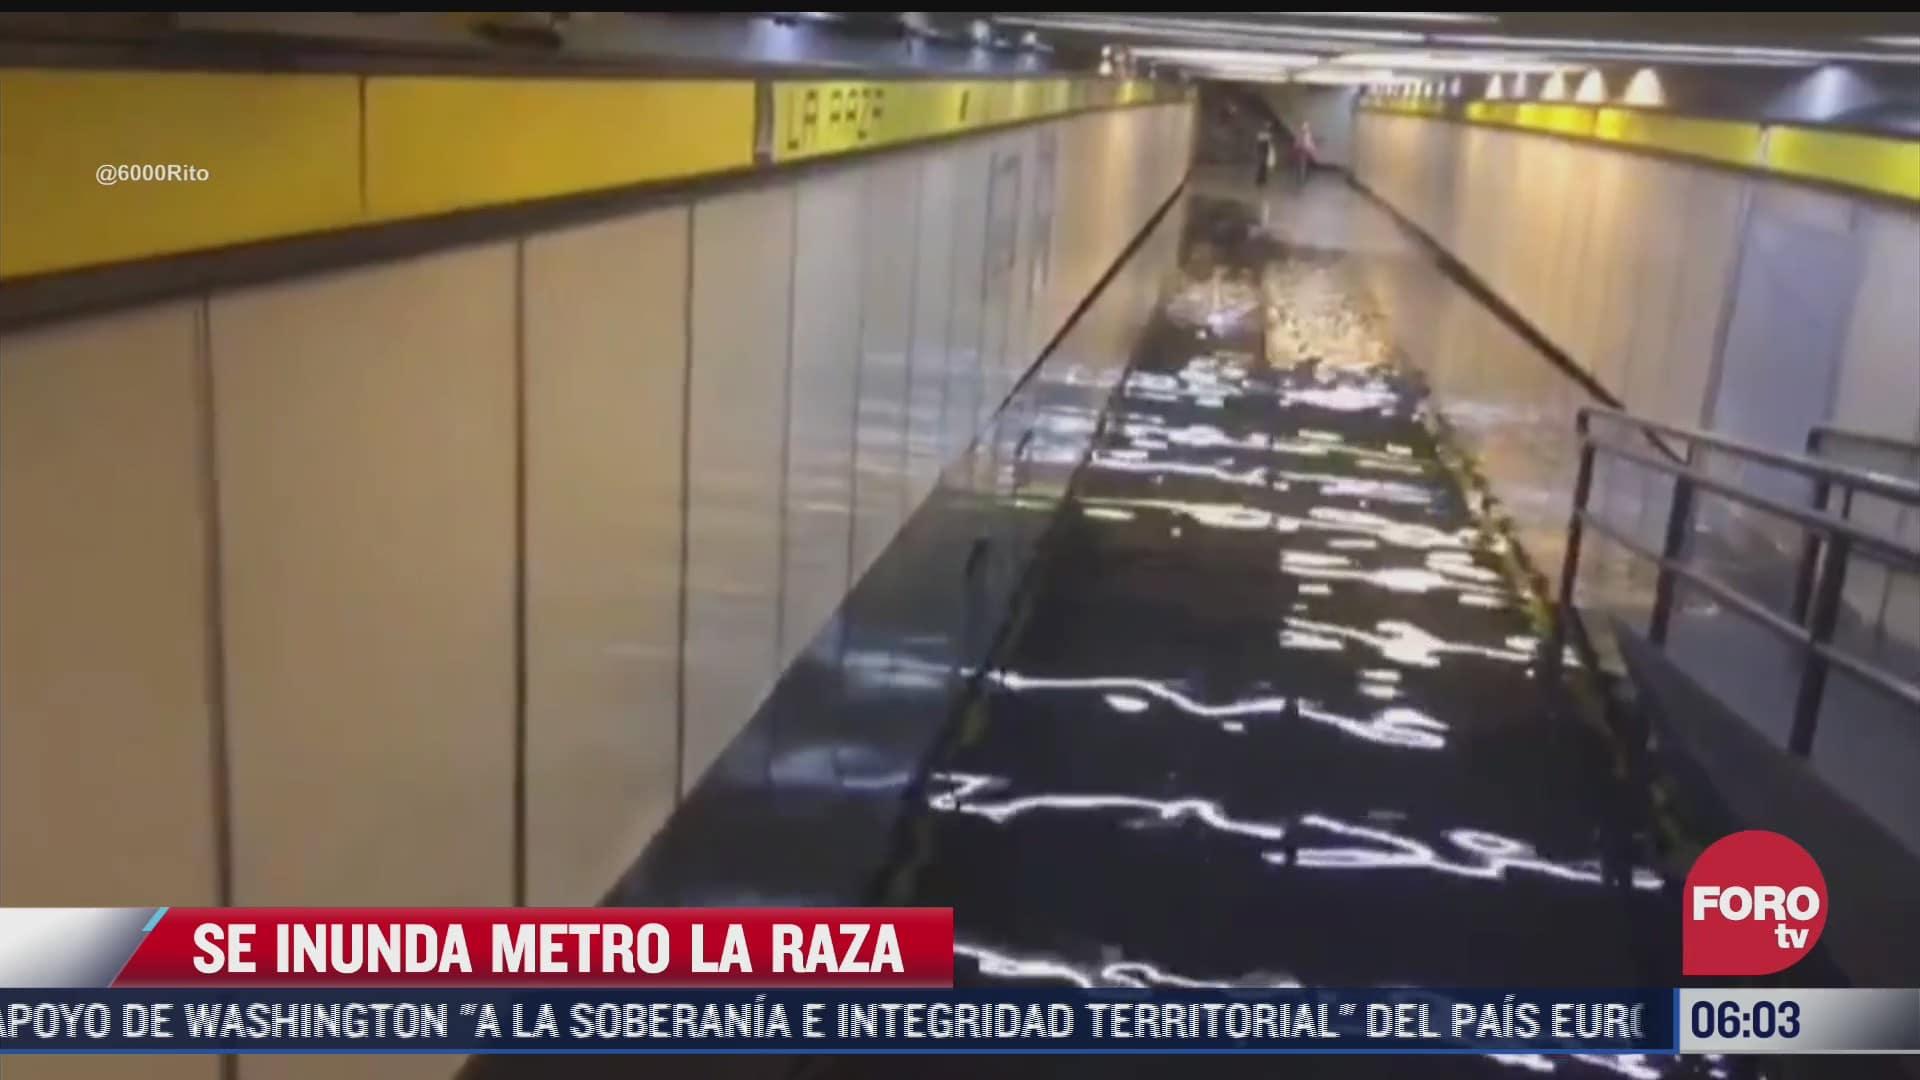 Fuerte lluvia provocó que estación del Metro La Razase inundara